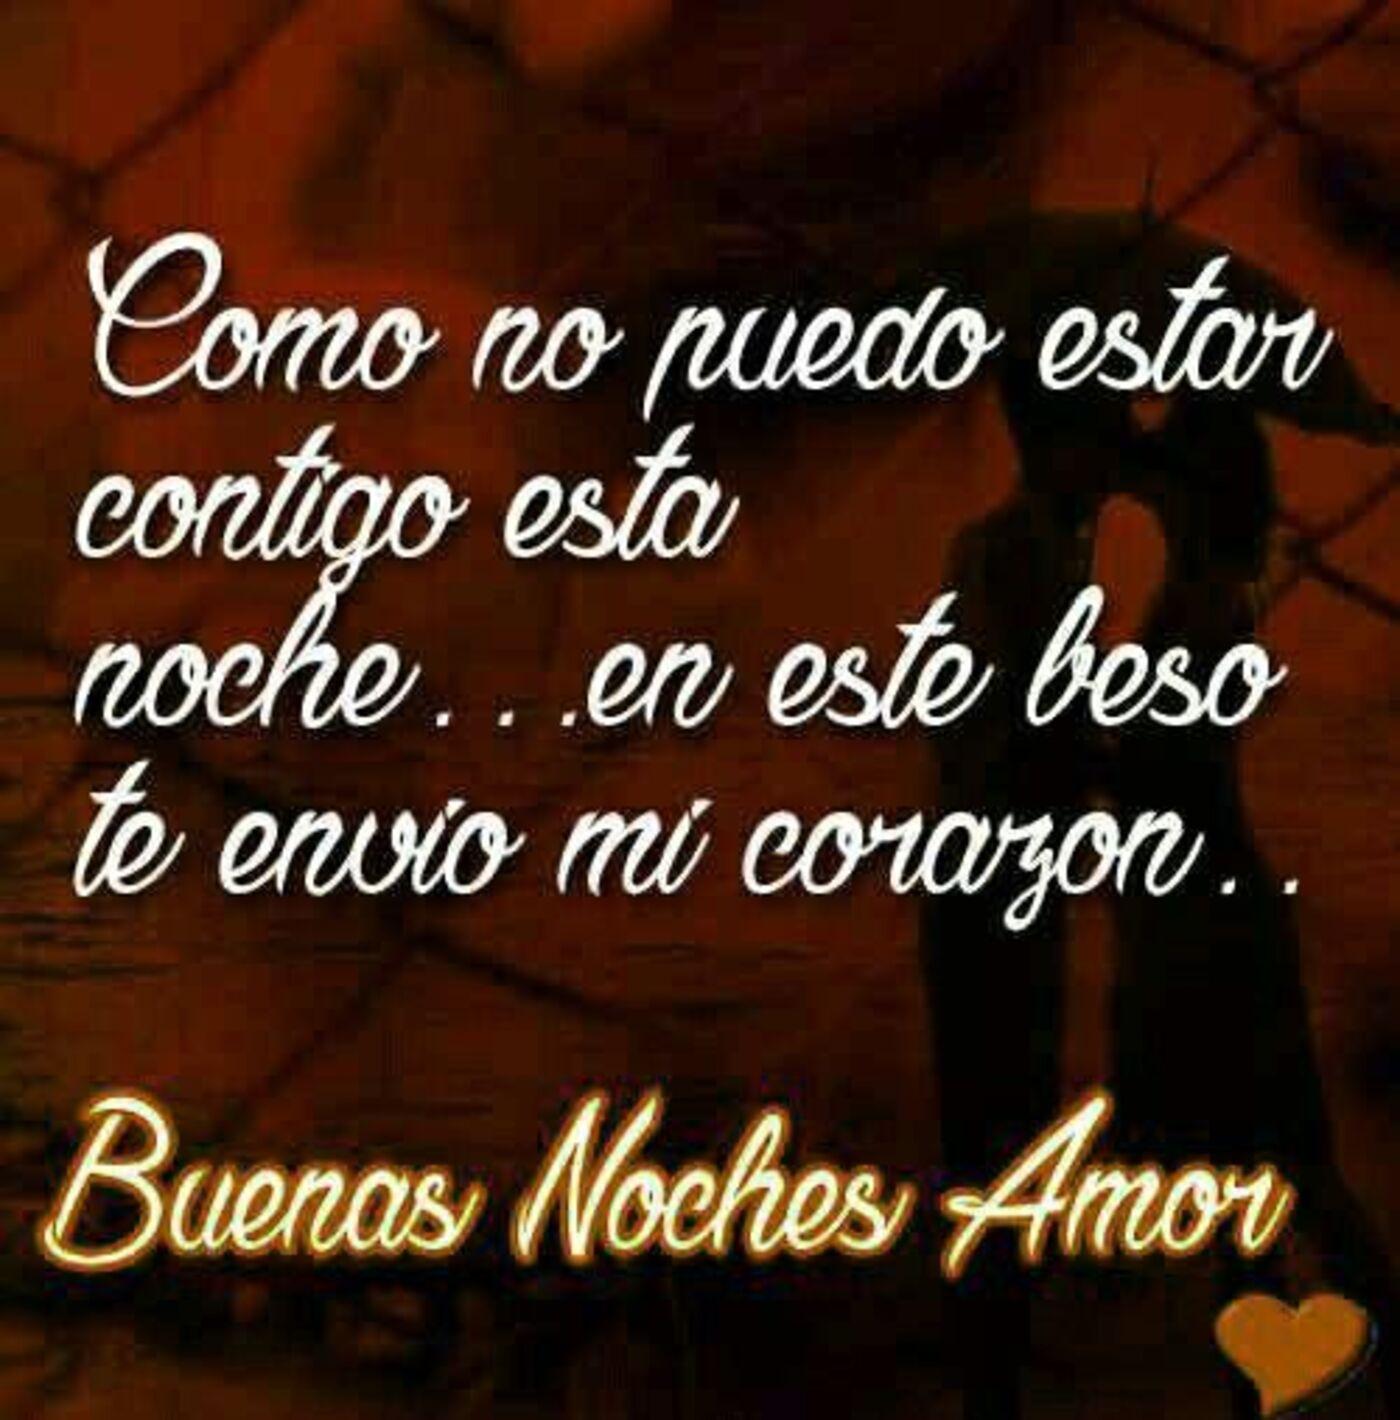 Como no puedo estar contigo esta noche... en este beso te envio mi corazón...Buenas noches amor..